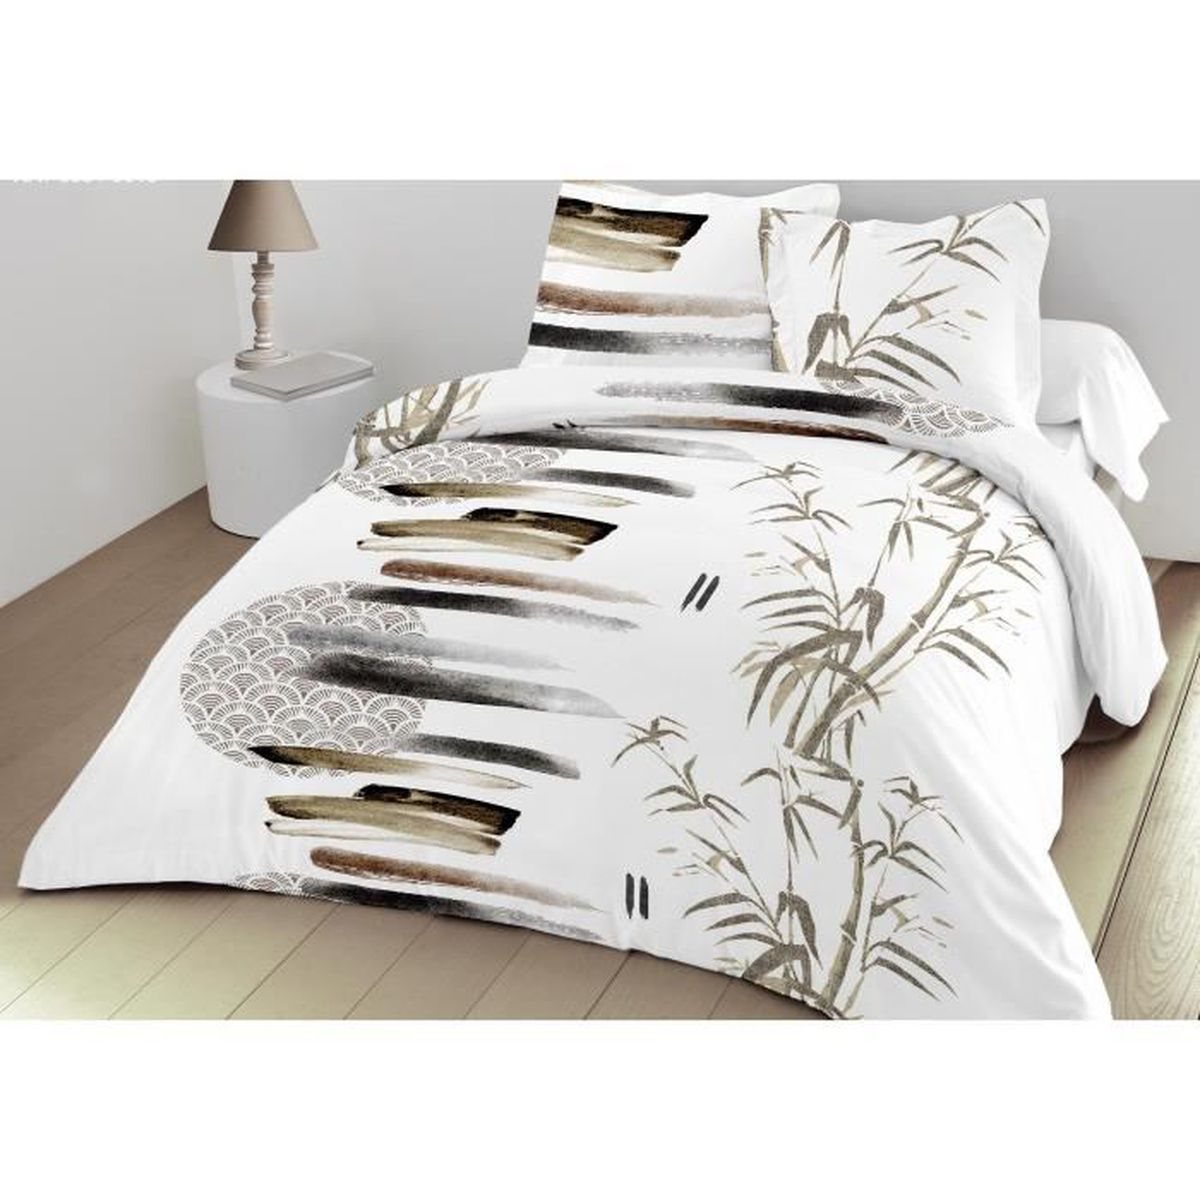 parure de couette nature achat vente pas cher. Black Bedroom Furniture Sets. Home Design Ideas